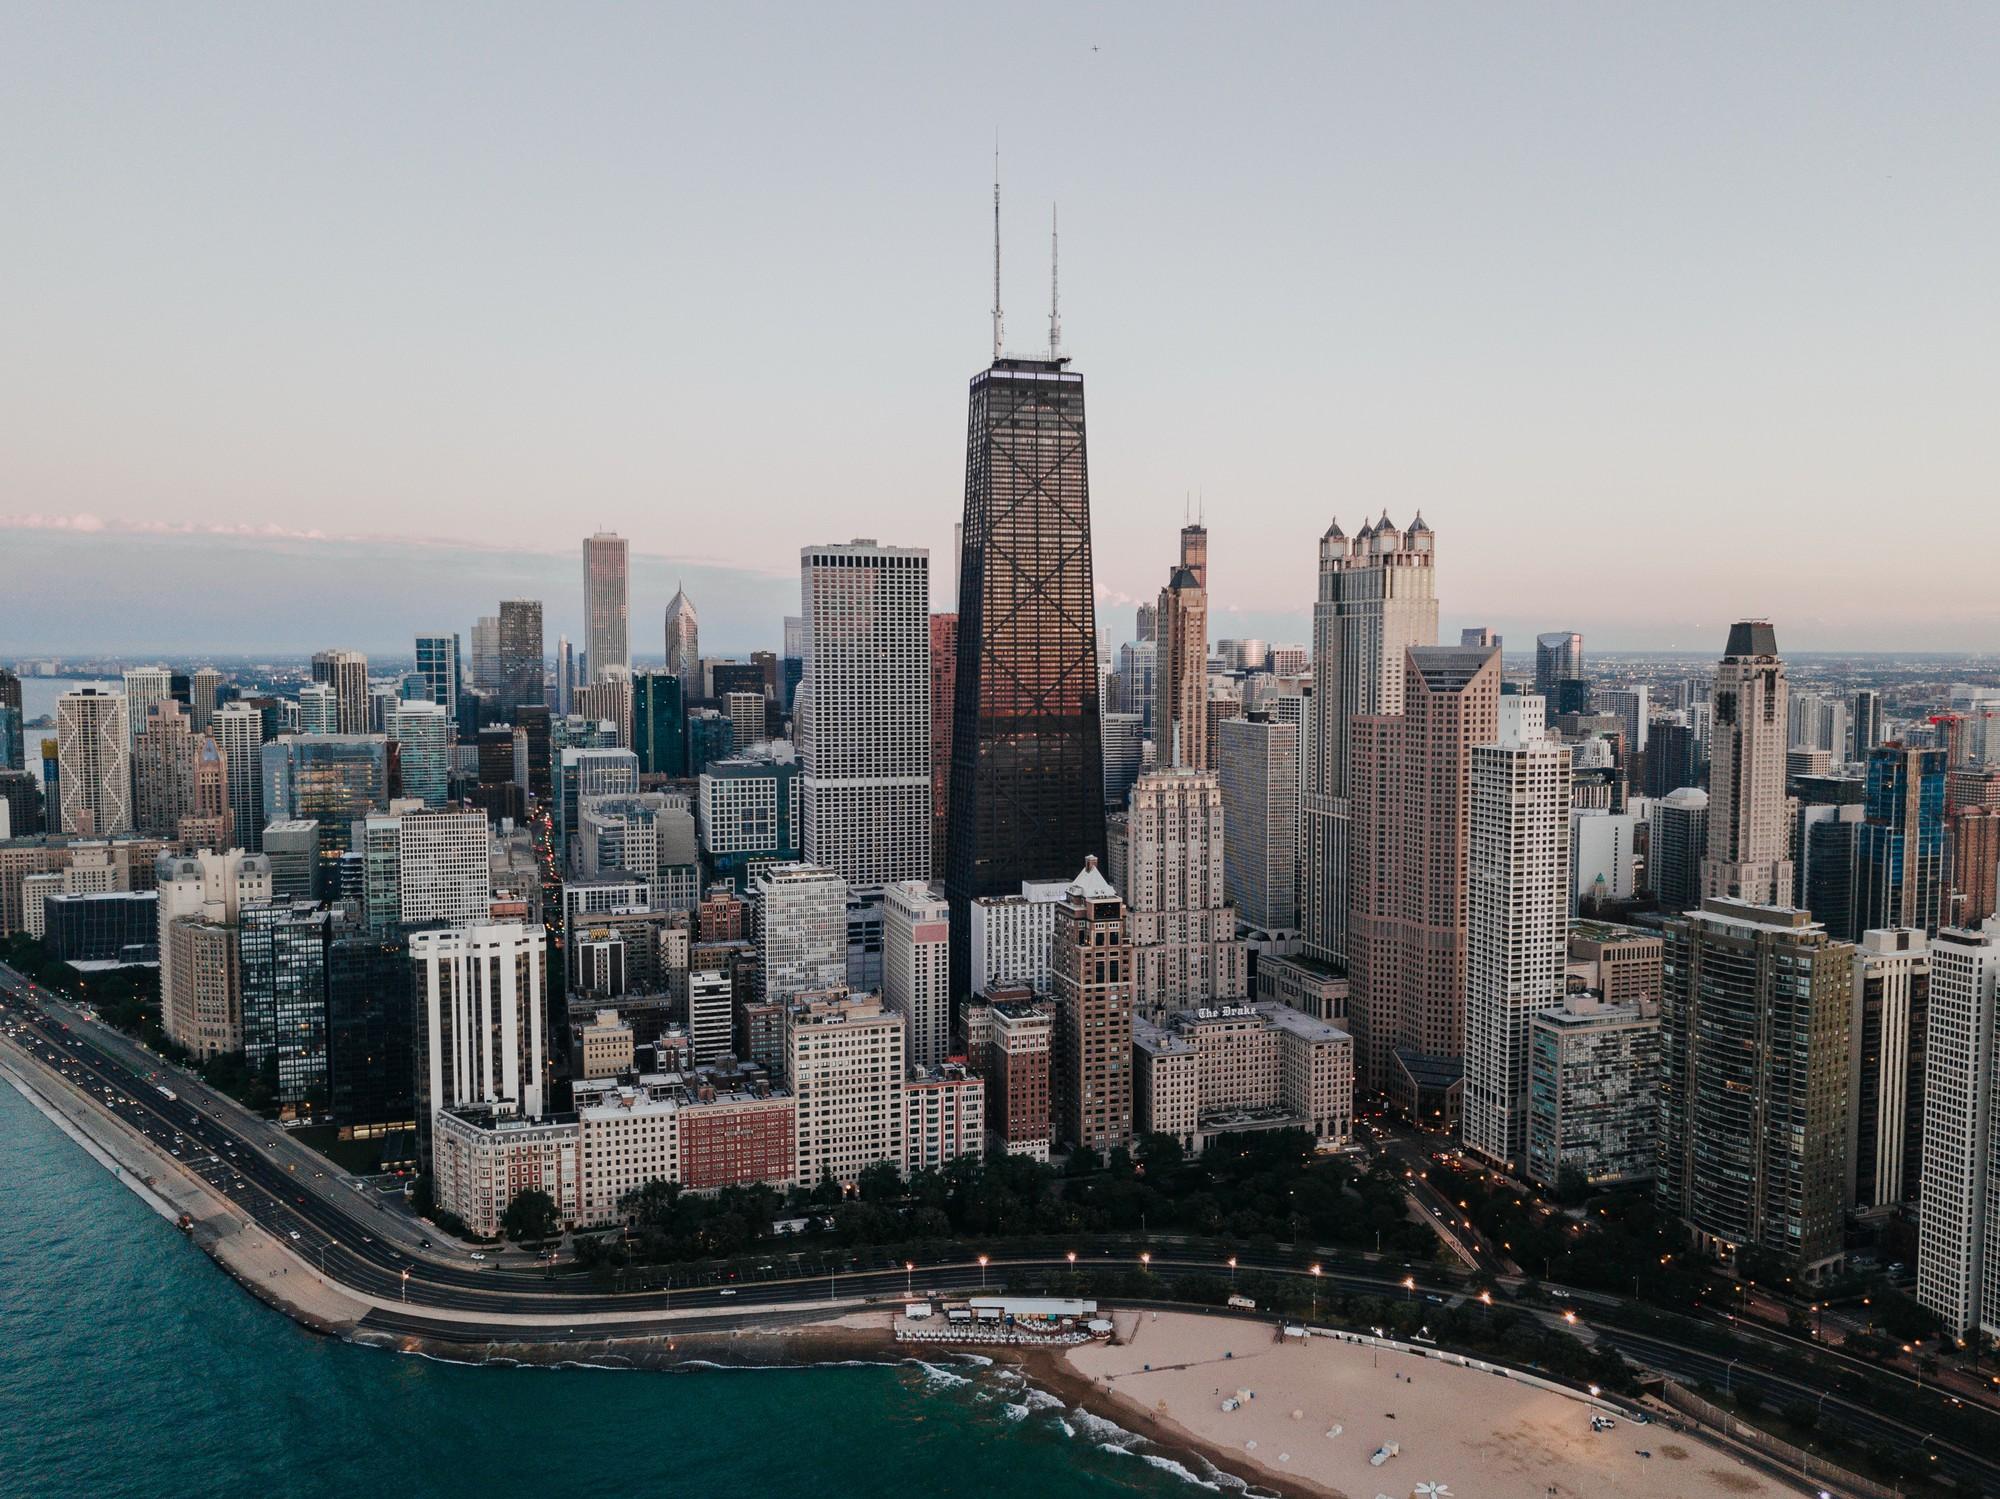 Lộ diện top những thành phố tốt nhất thế giới năm 2019: Mỹ dẫn đầu khi có tới 3 cái tên trong Top 10! - Ảnh 6.